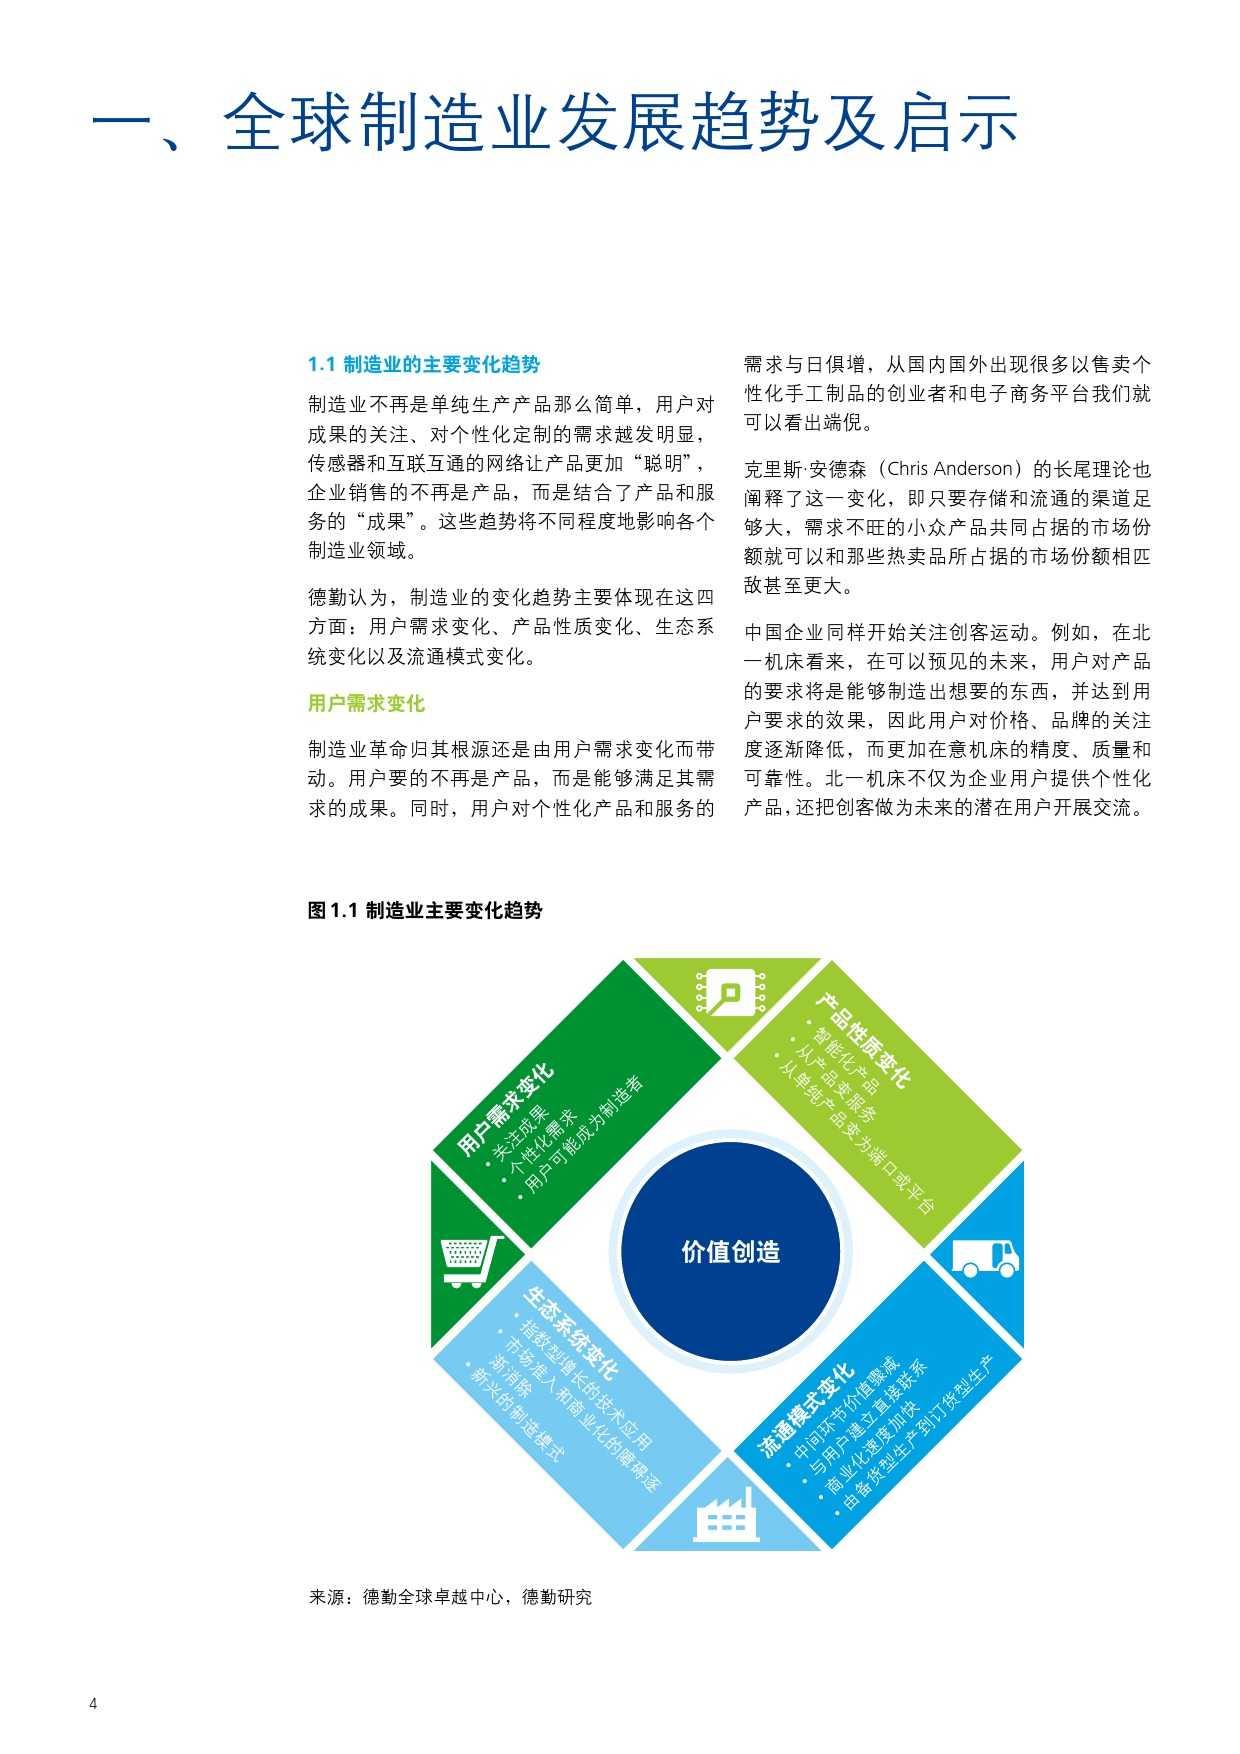 2015年中国制造业企业信息化调查_000006